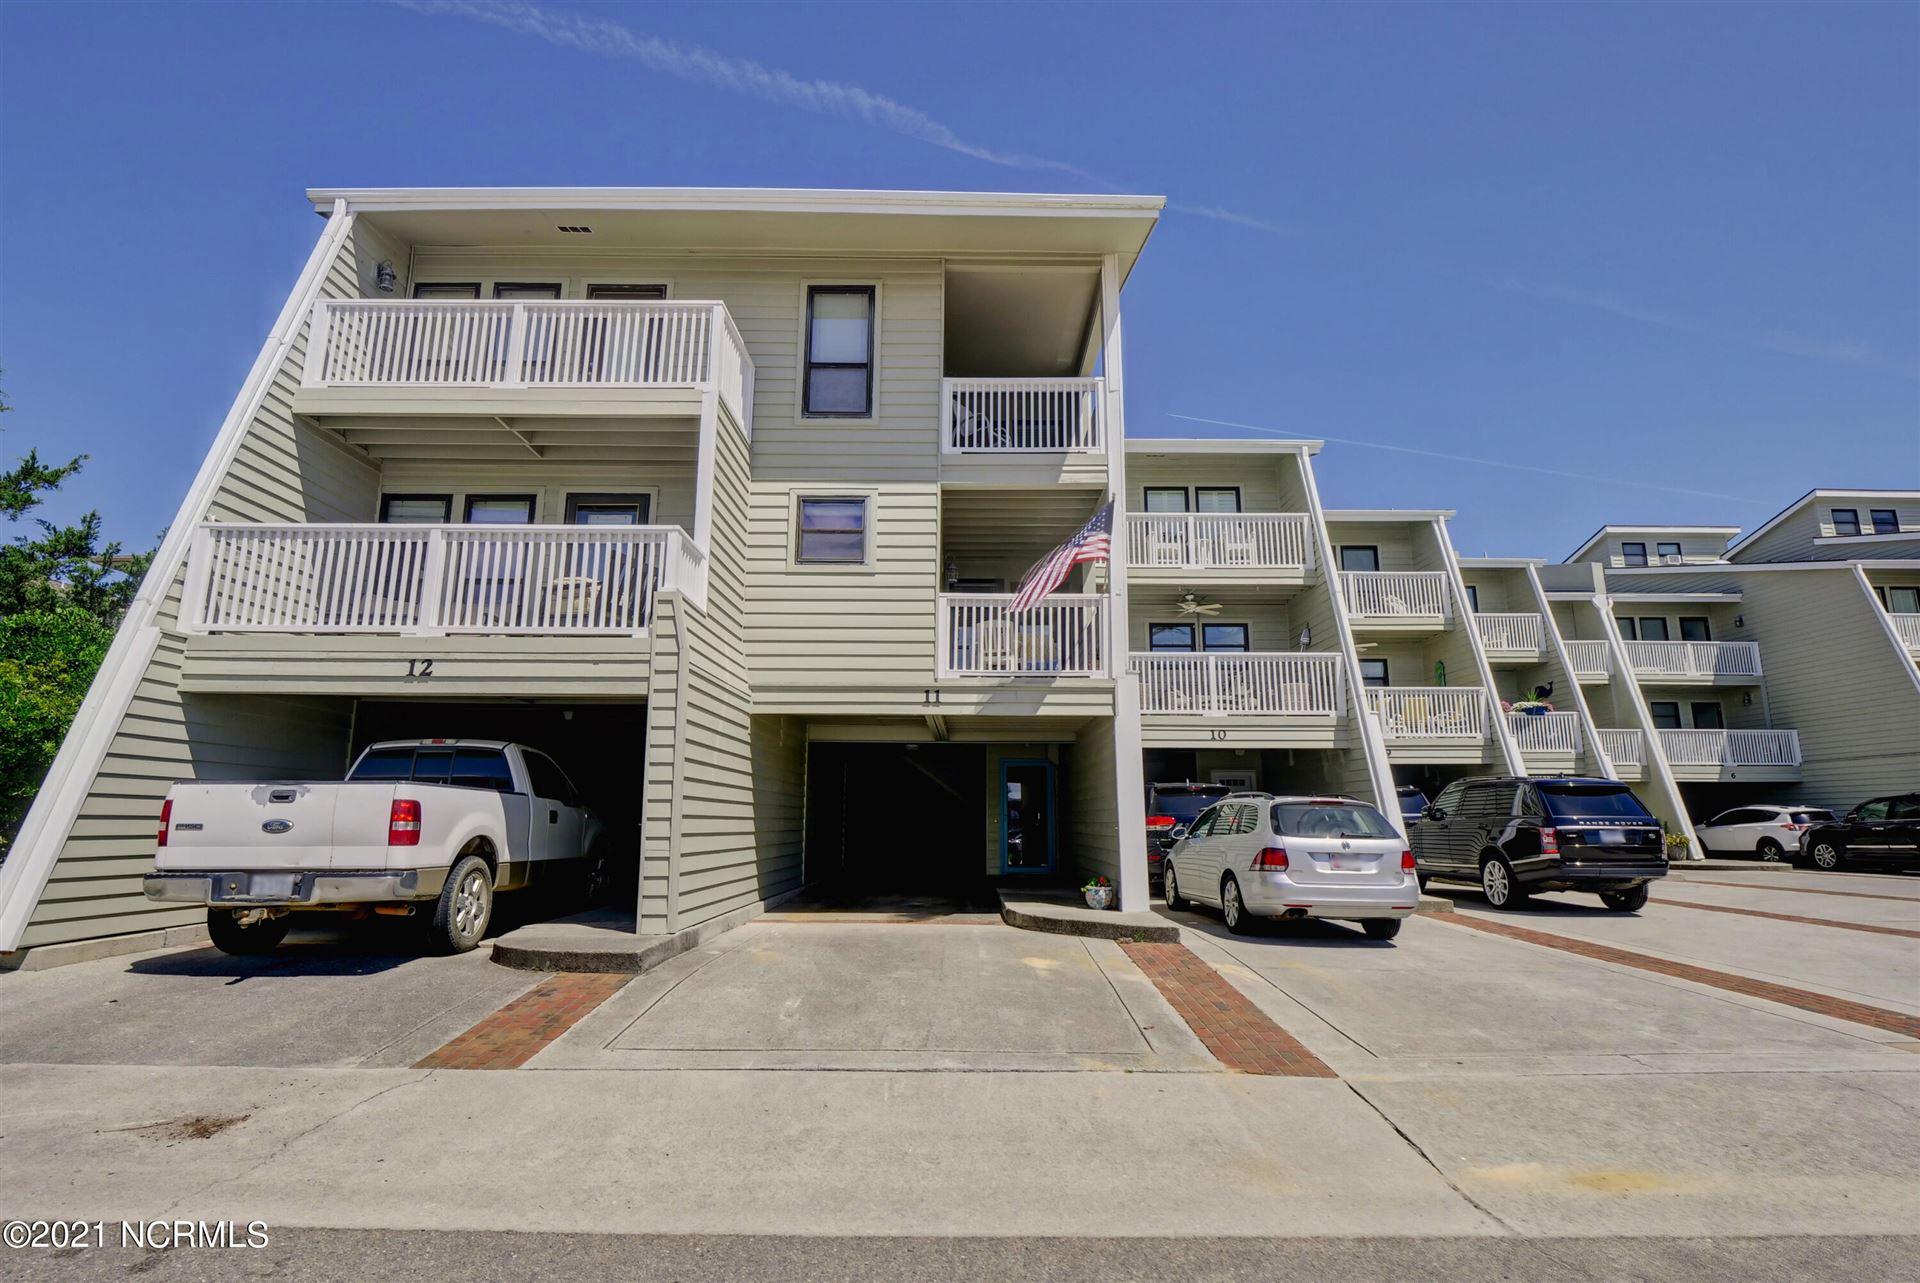 Photo of 627 S Lumina Avenue #11, Wrightsville Beach, NC 28480 (MLS # 100279421)